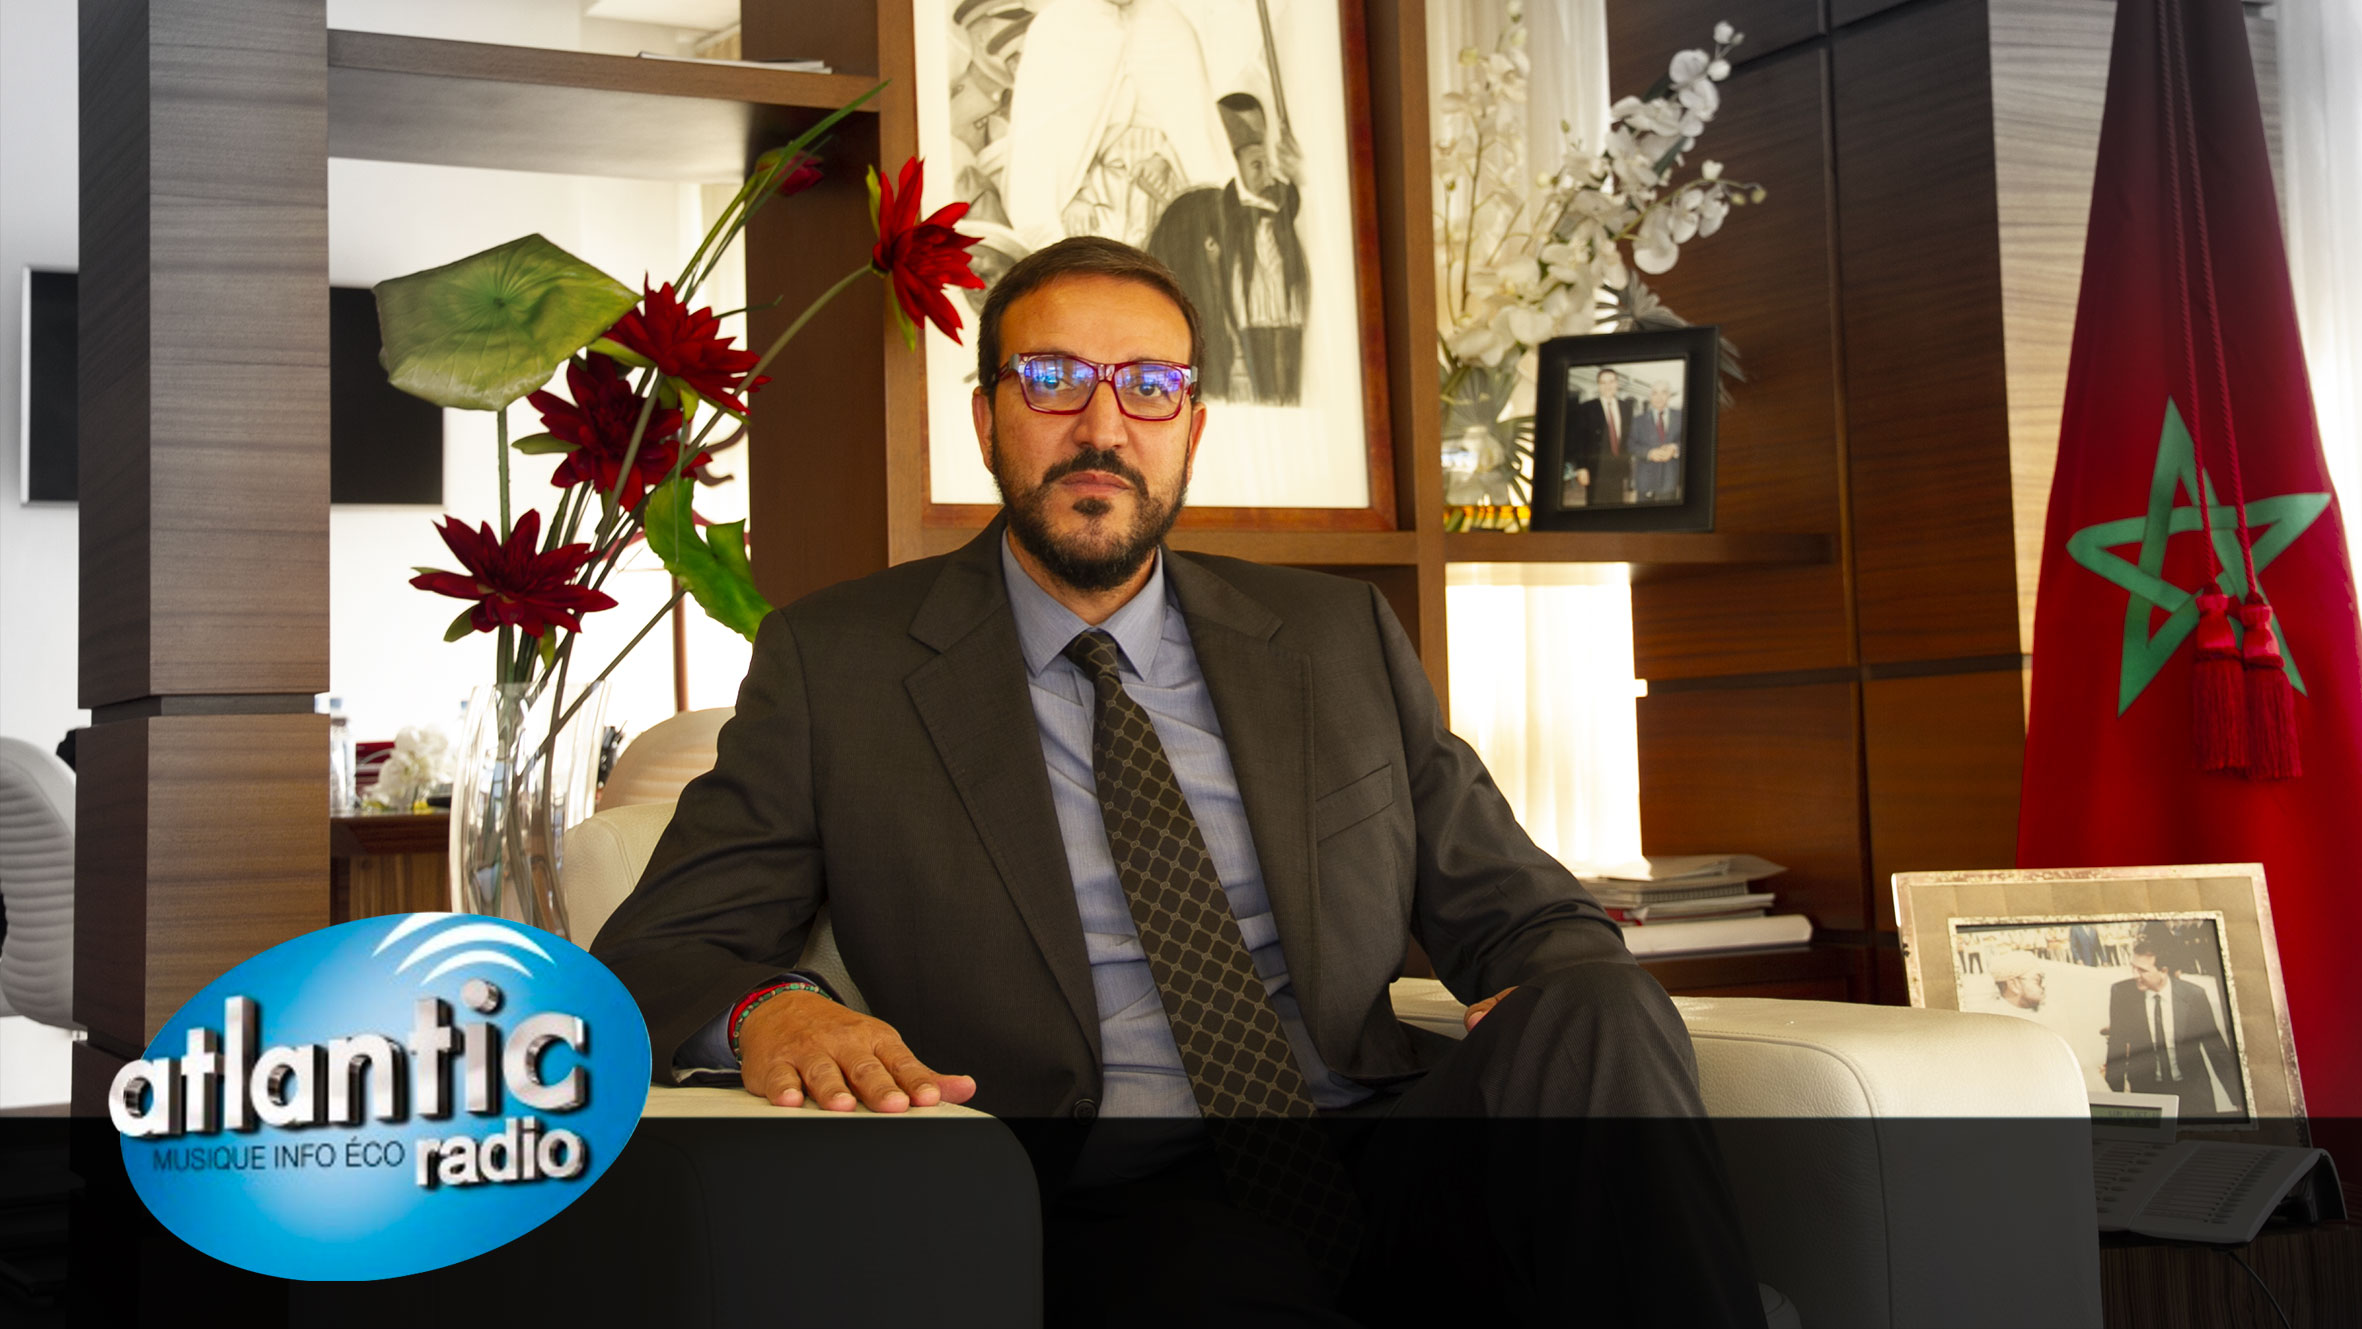 Interview de M. le Président sur Atlantic Radio